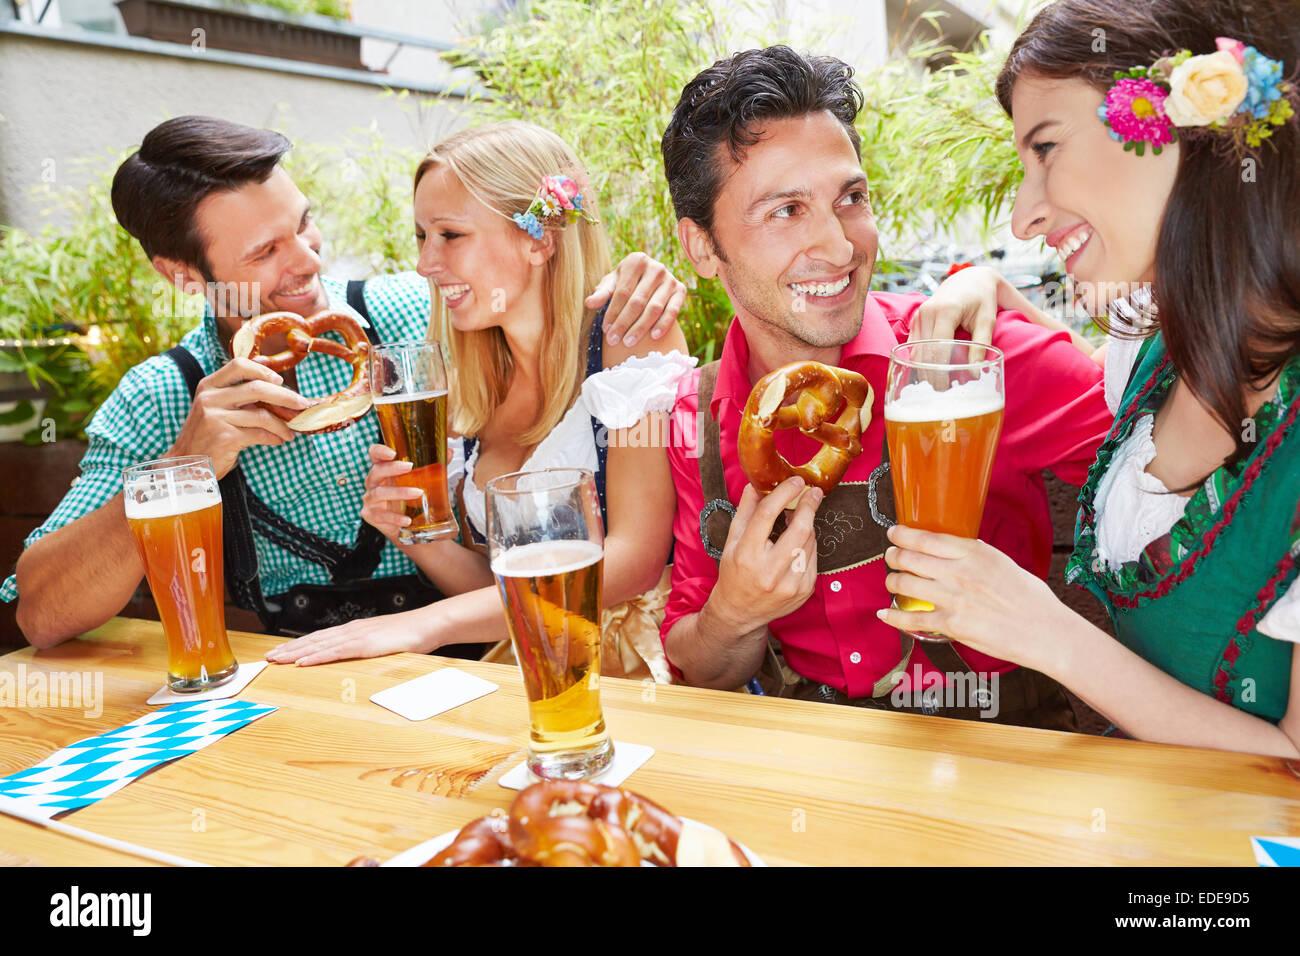 Gli uomini e le donne flirtare in birra bavarese e giardino in estate Immagini Stock